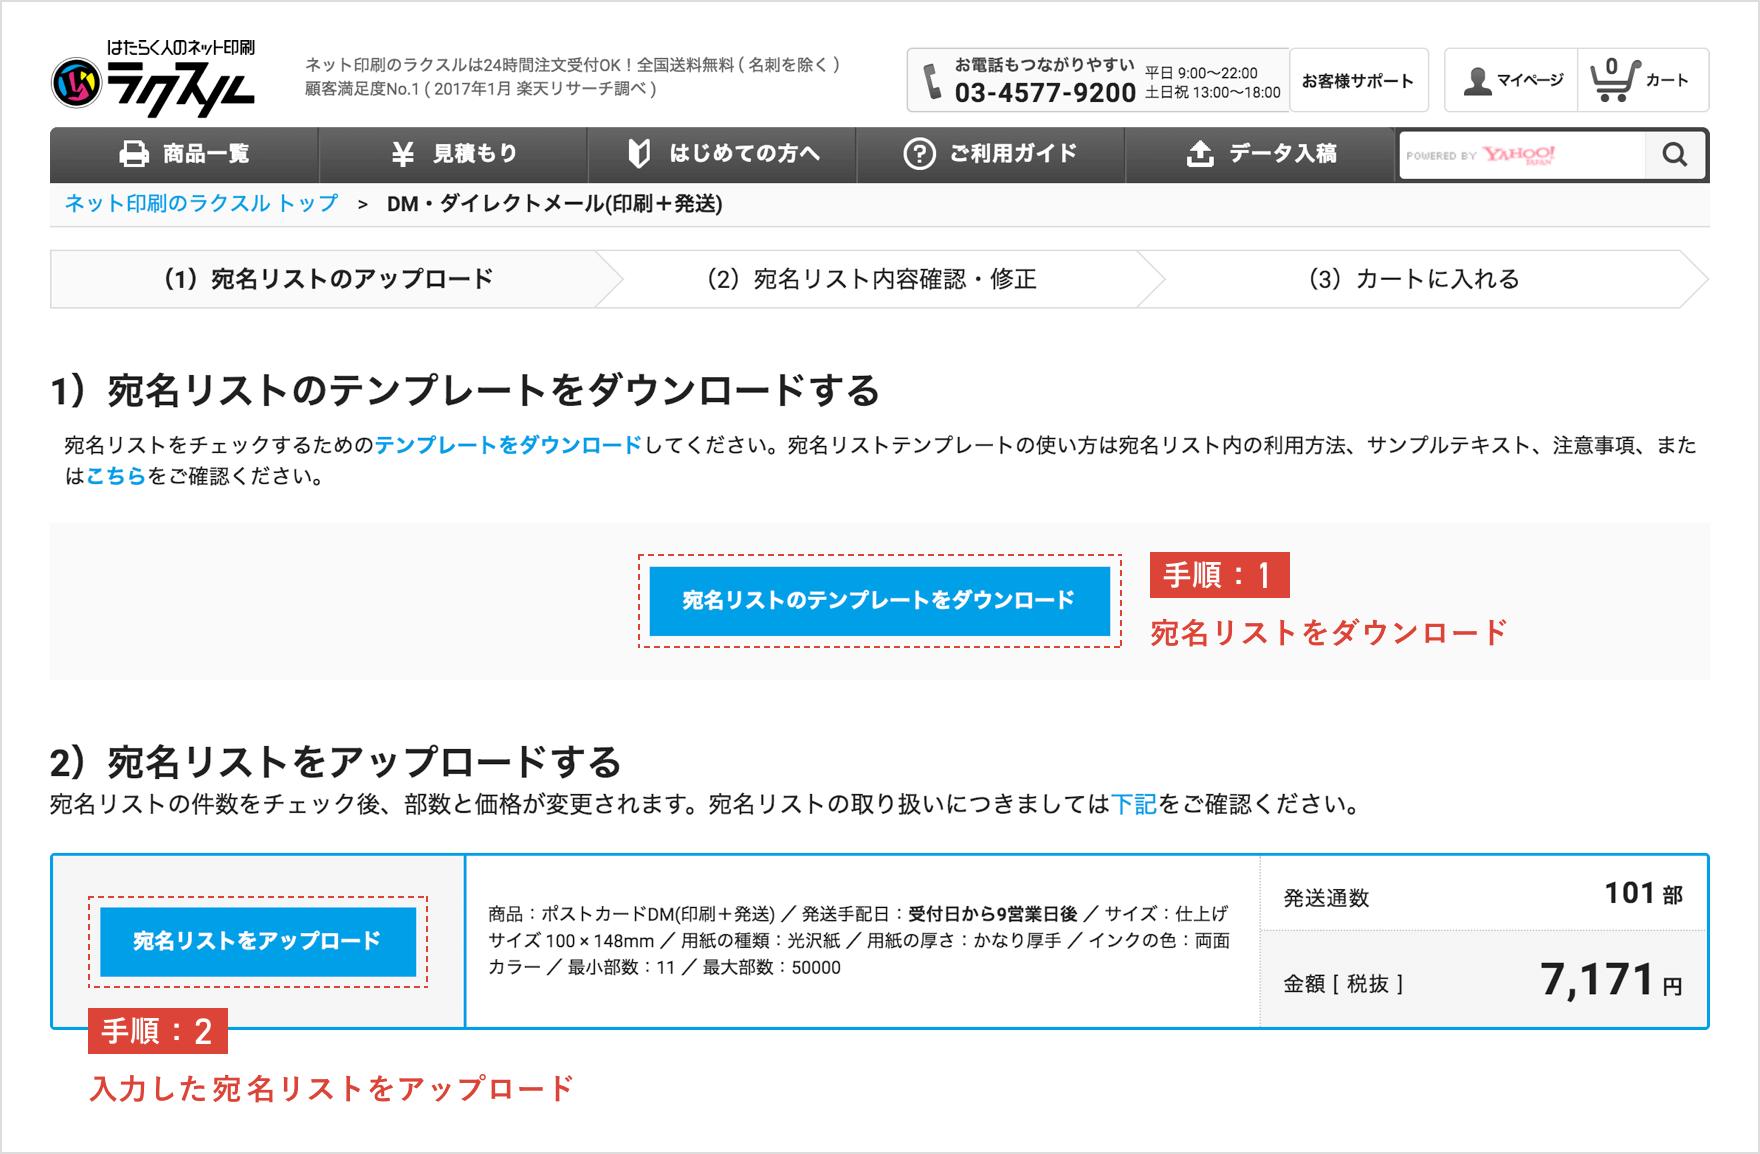 【STEP3】商品を購入して、宛名リストをアップロードしよう